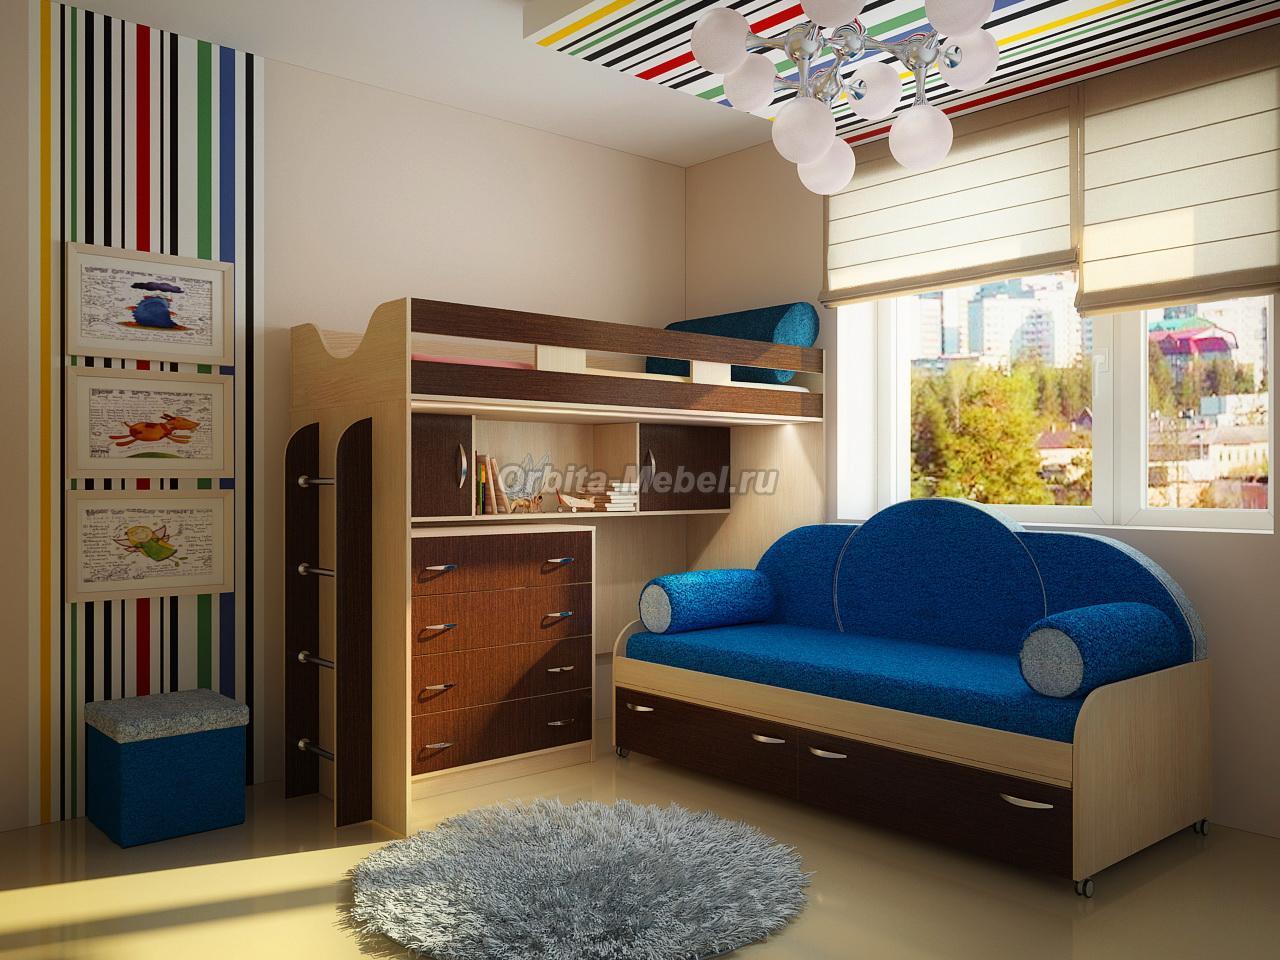 Кровать С Диваном Внизу Санкт-Петербург